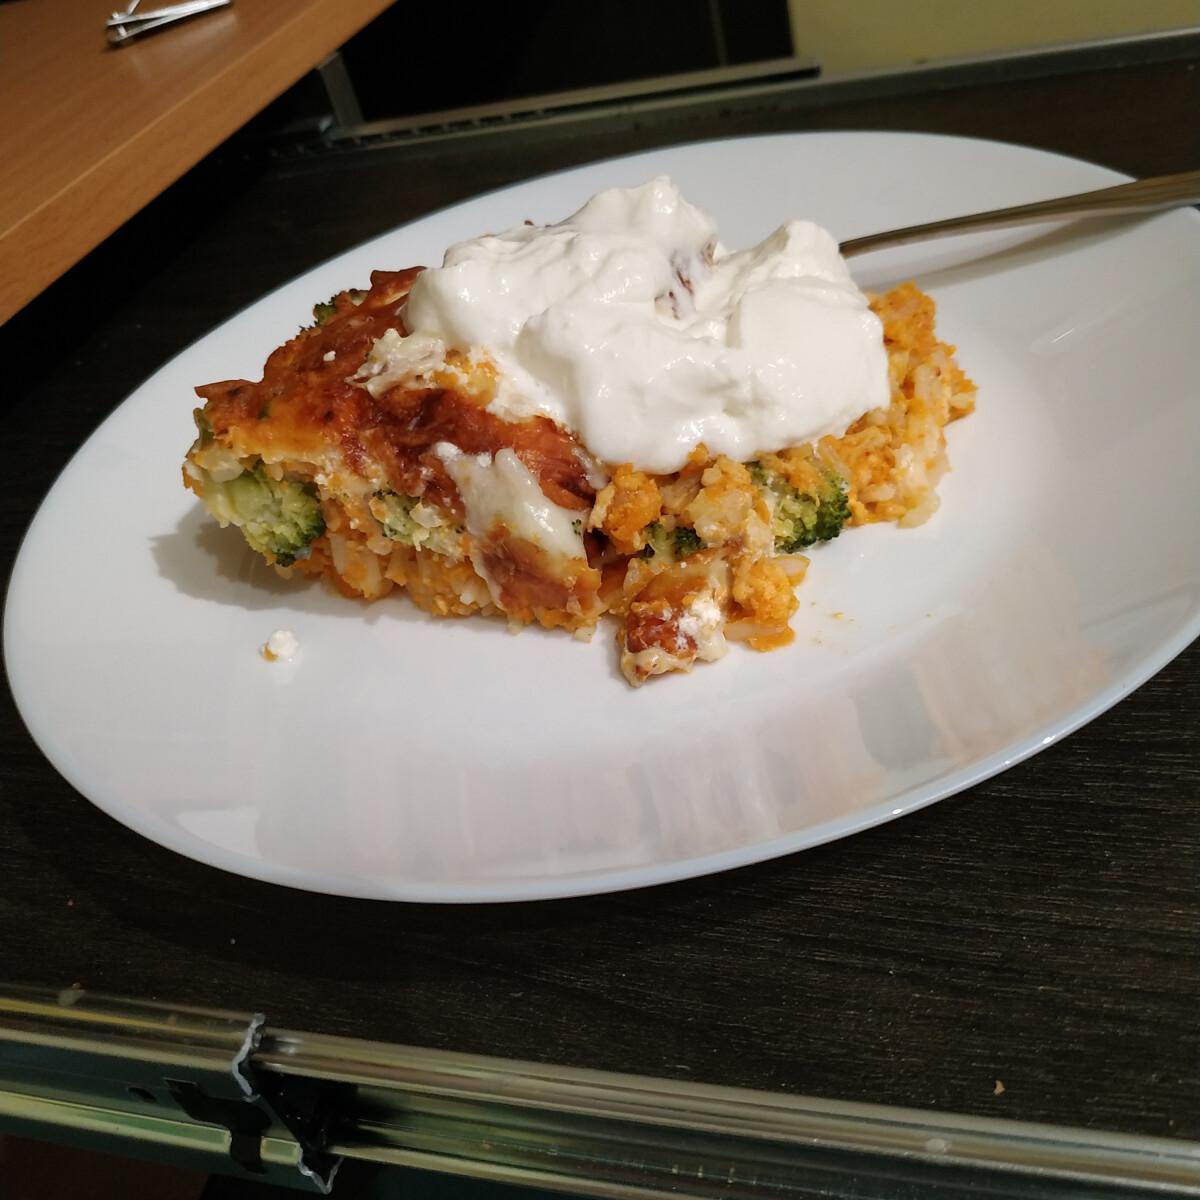 Édesburgonyás, csirkés, rakott brokkoli